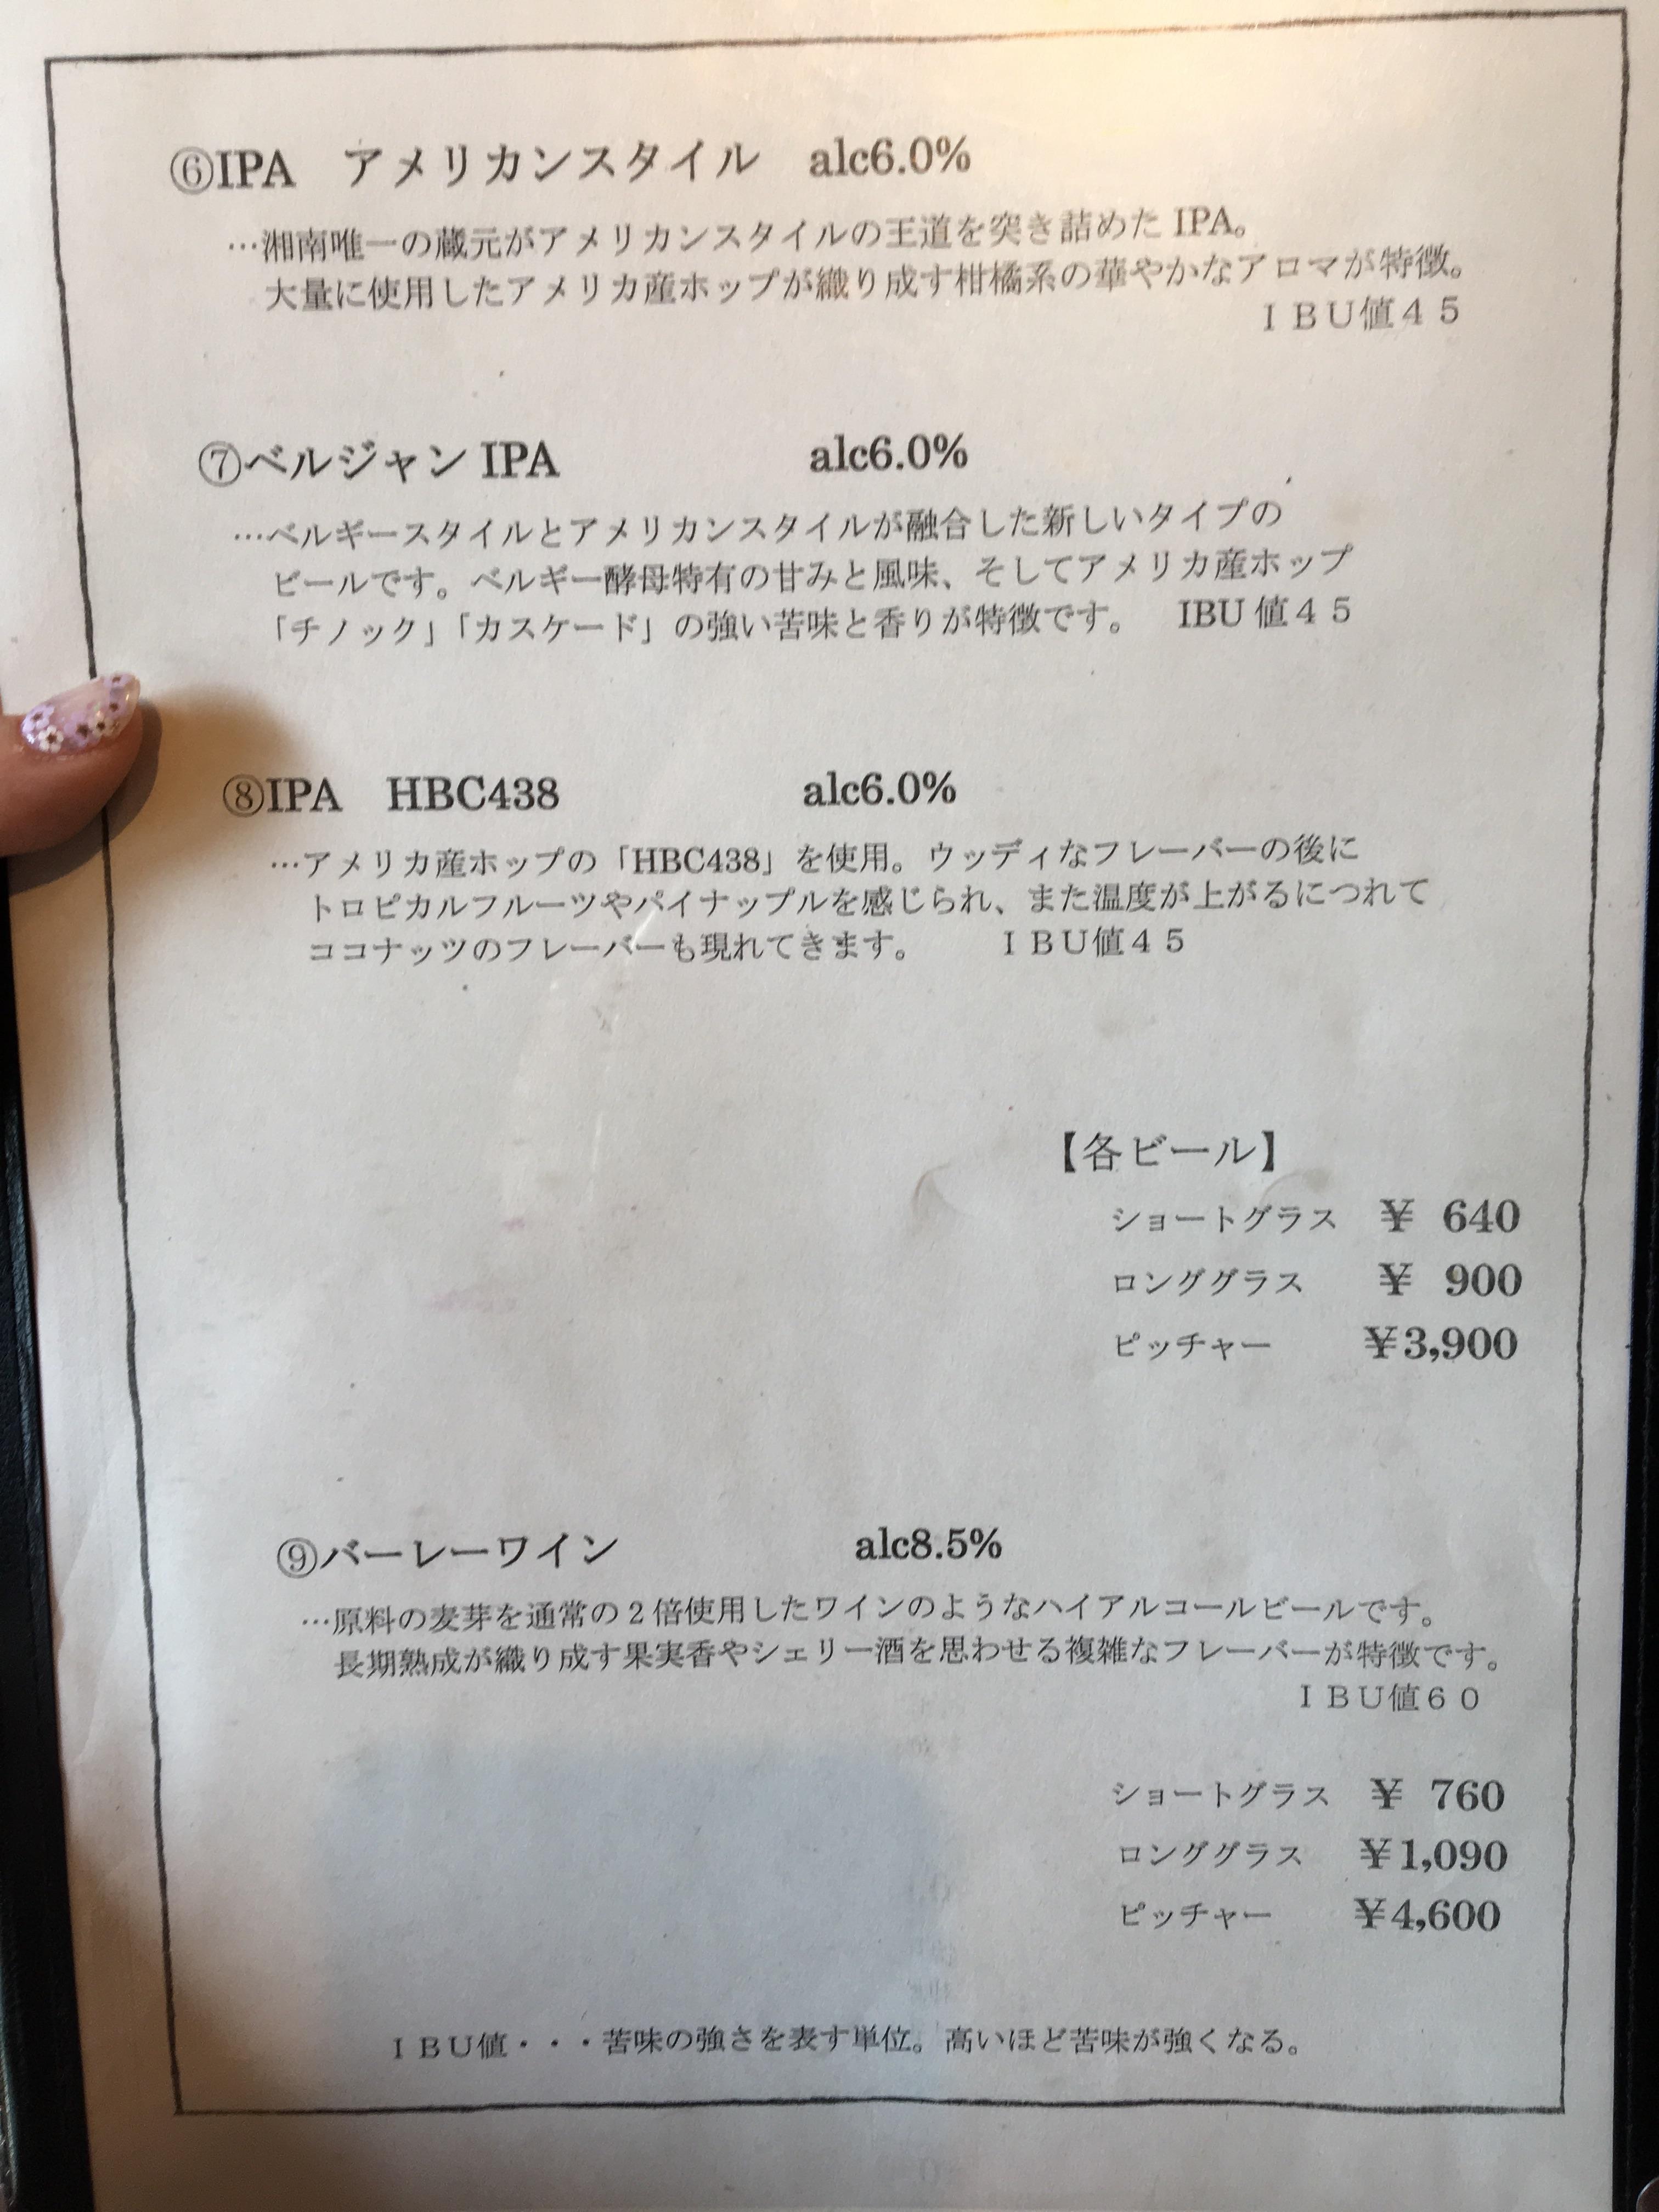 f:id:kaminashiko:20180716172002j:plain